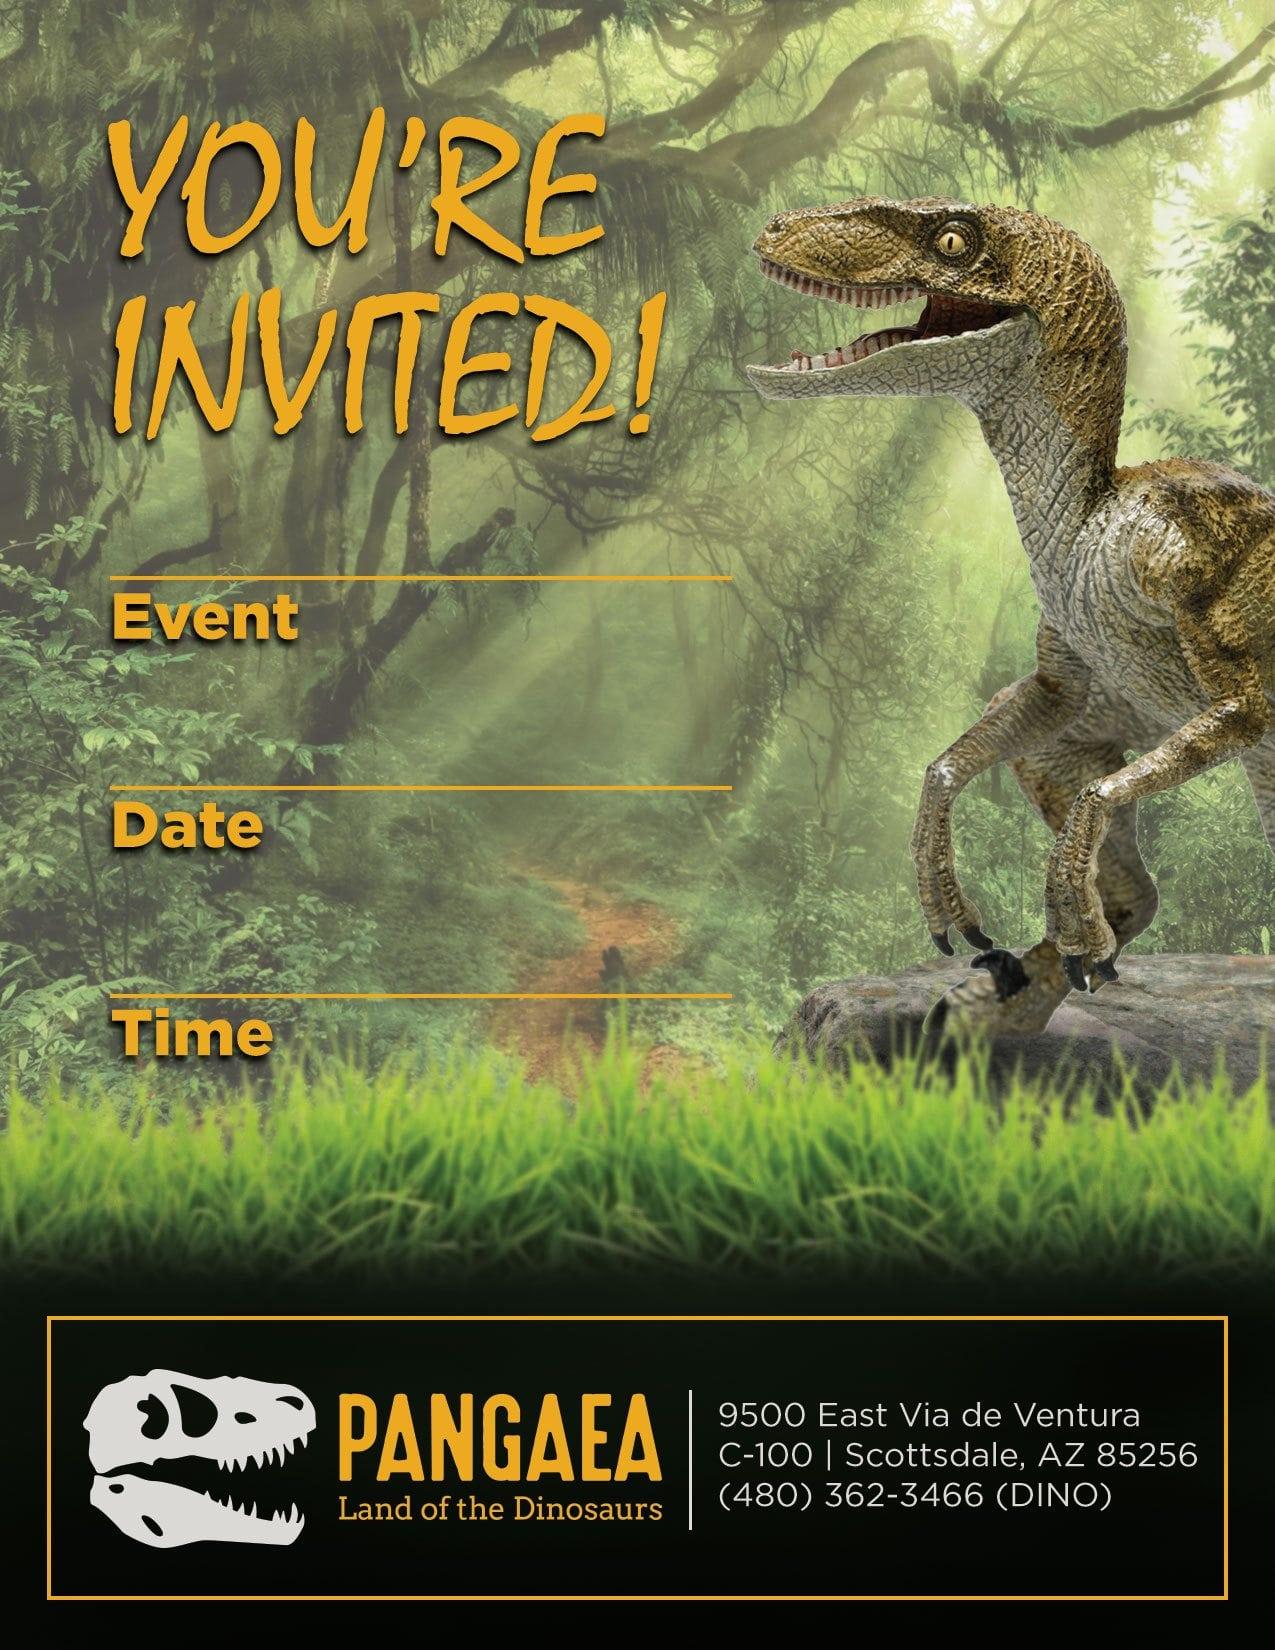 Pangaea_bday_invite_v1